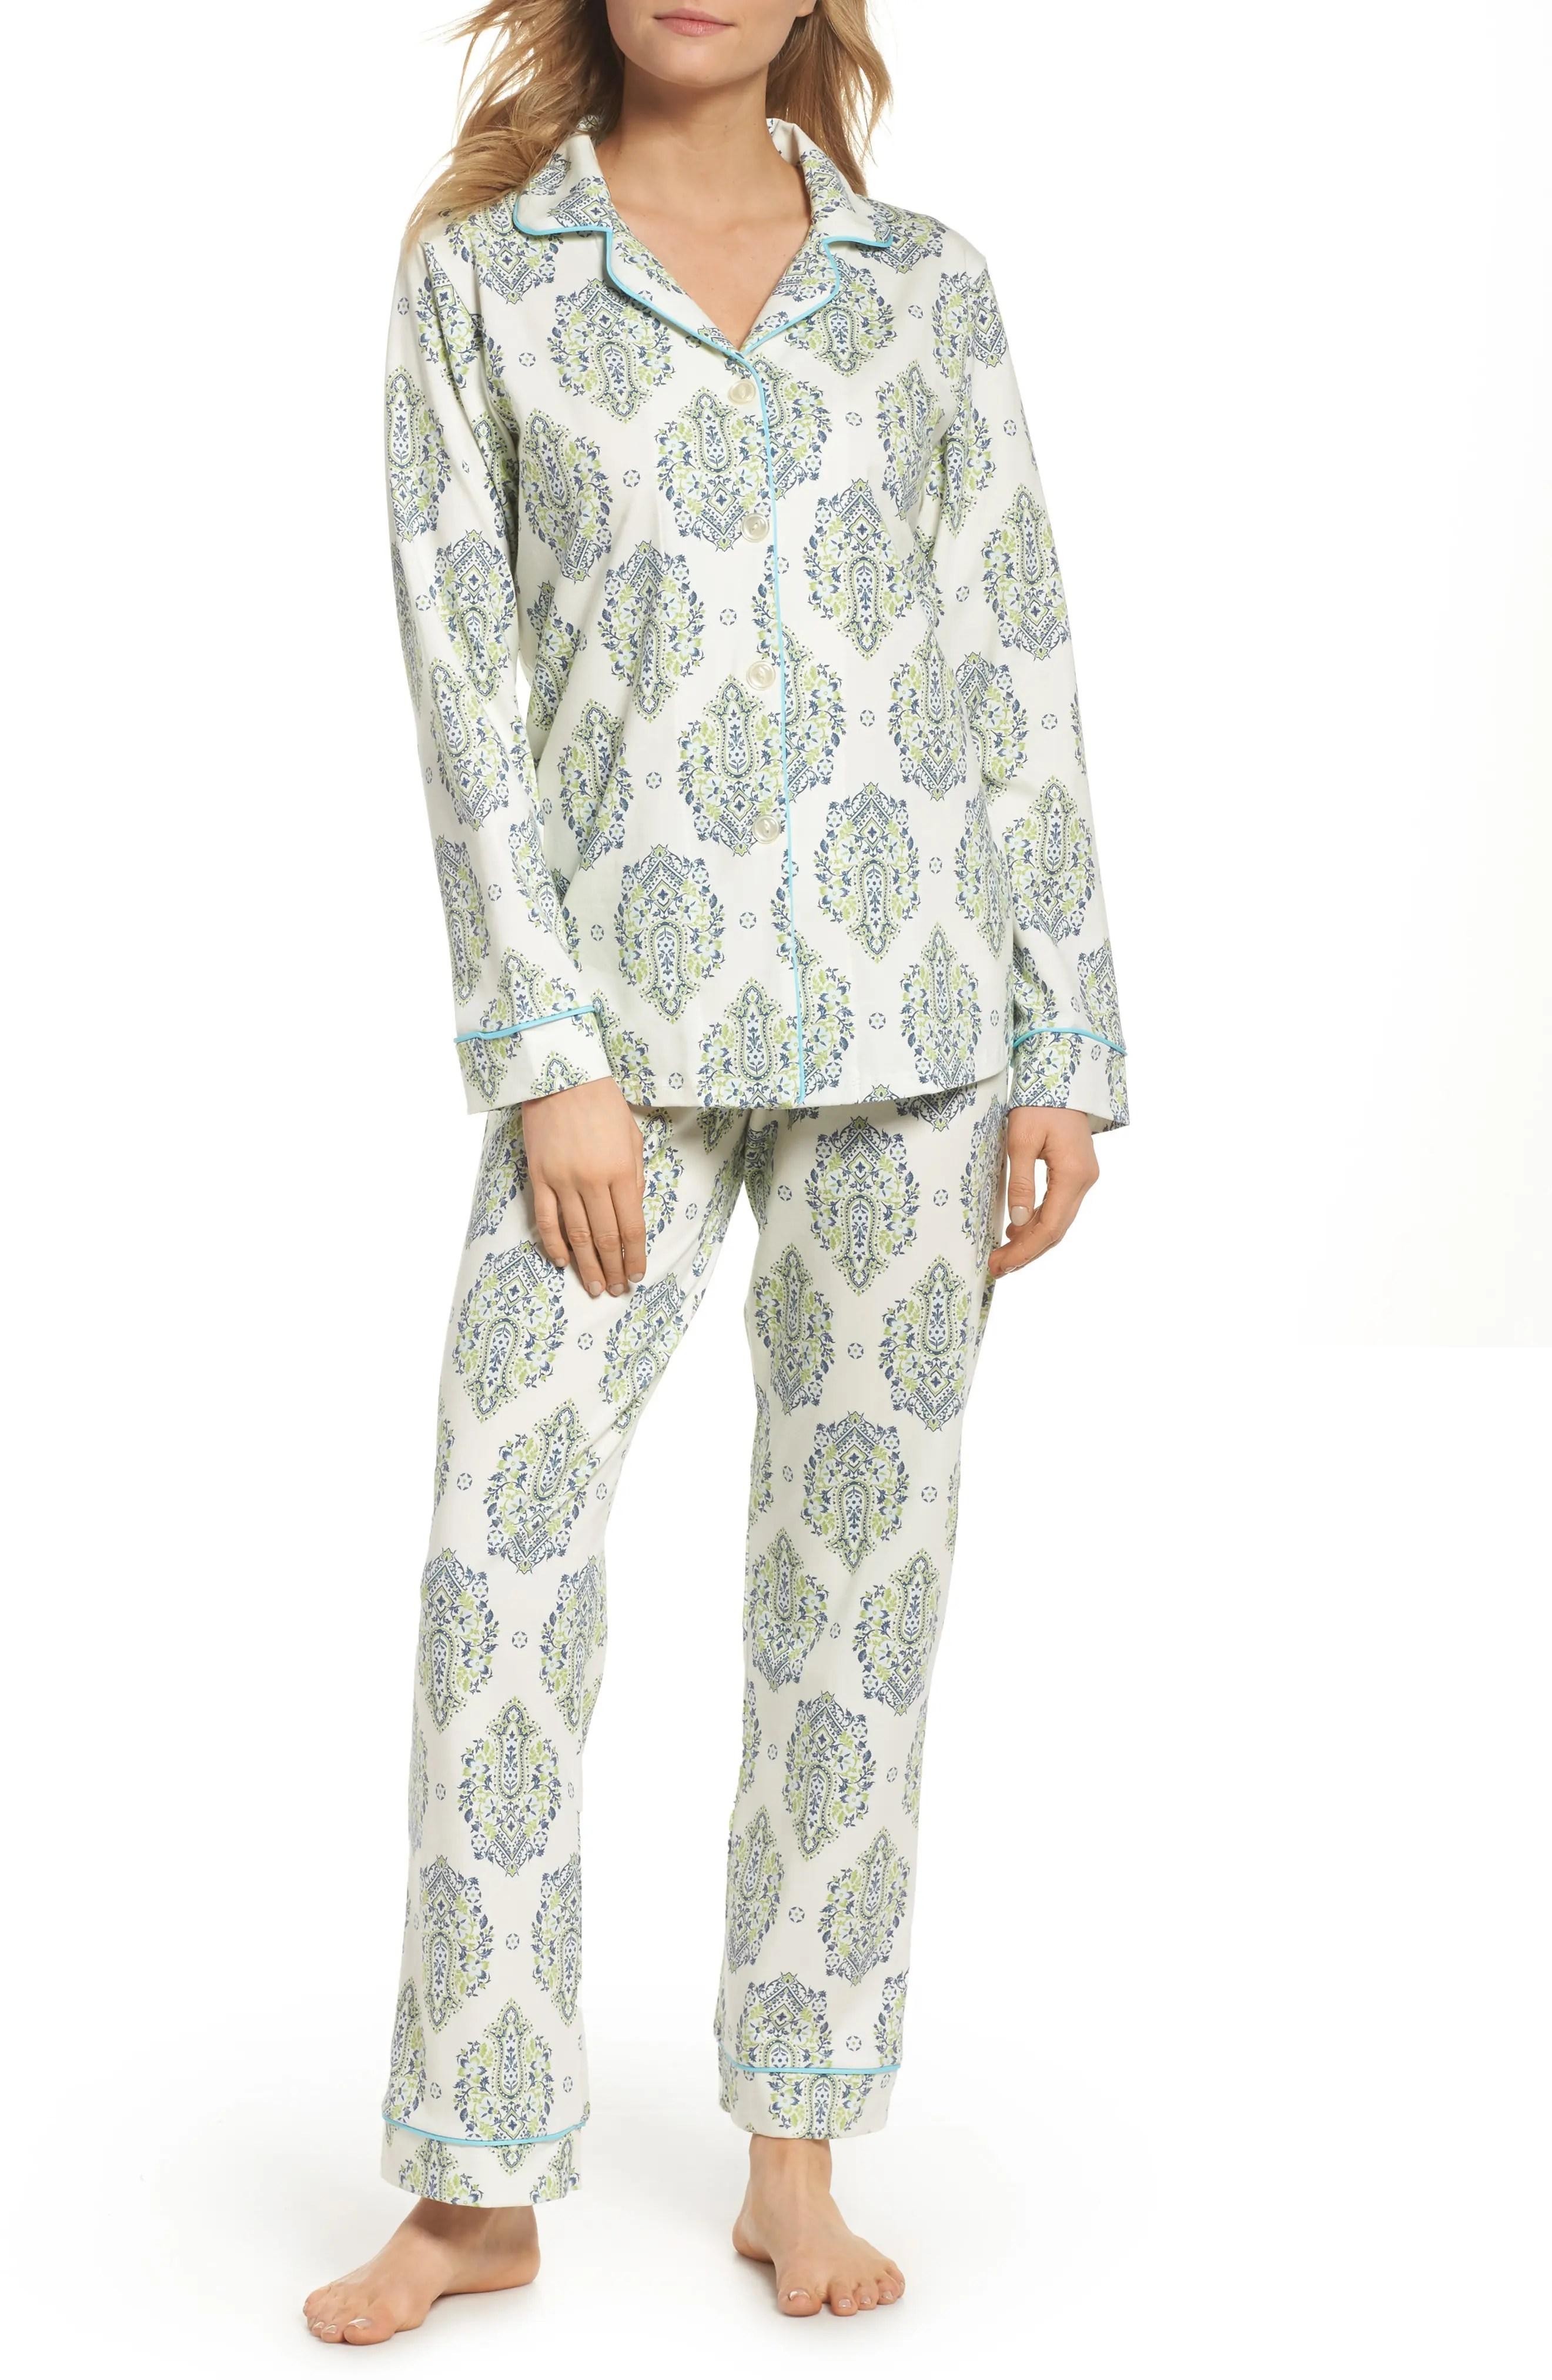 bedhead twinkle pajamas nordstrom rack